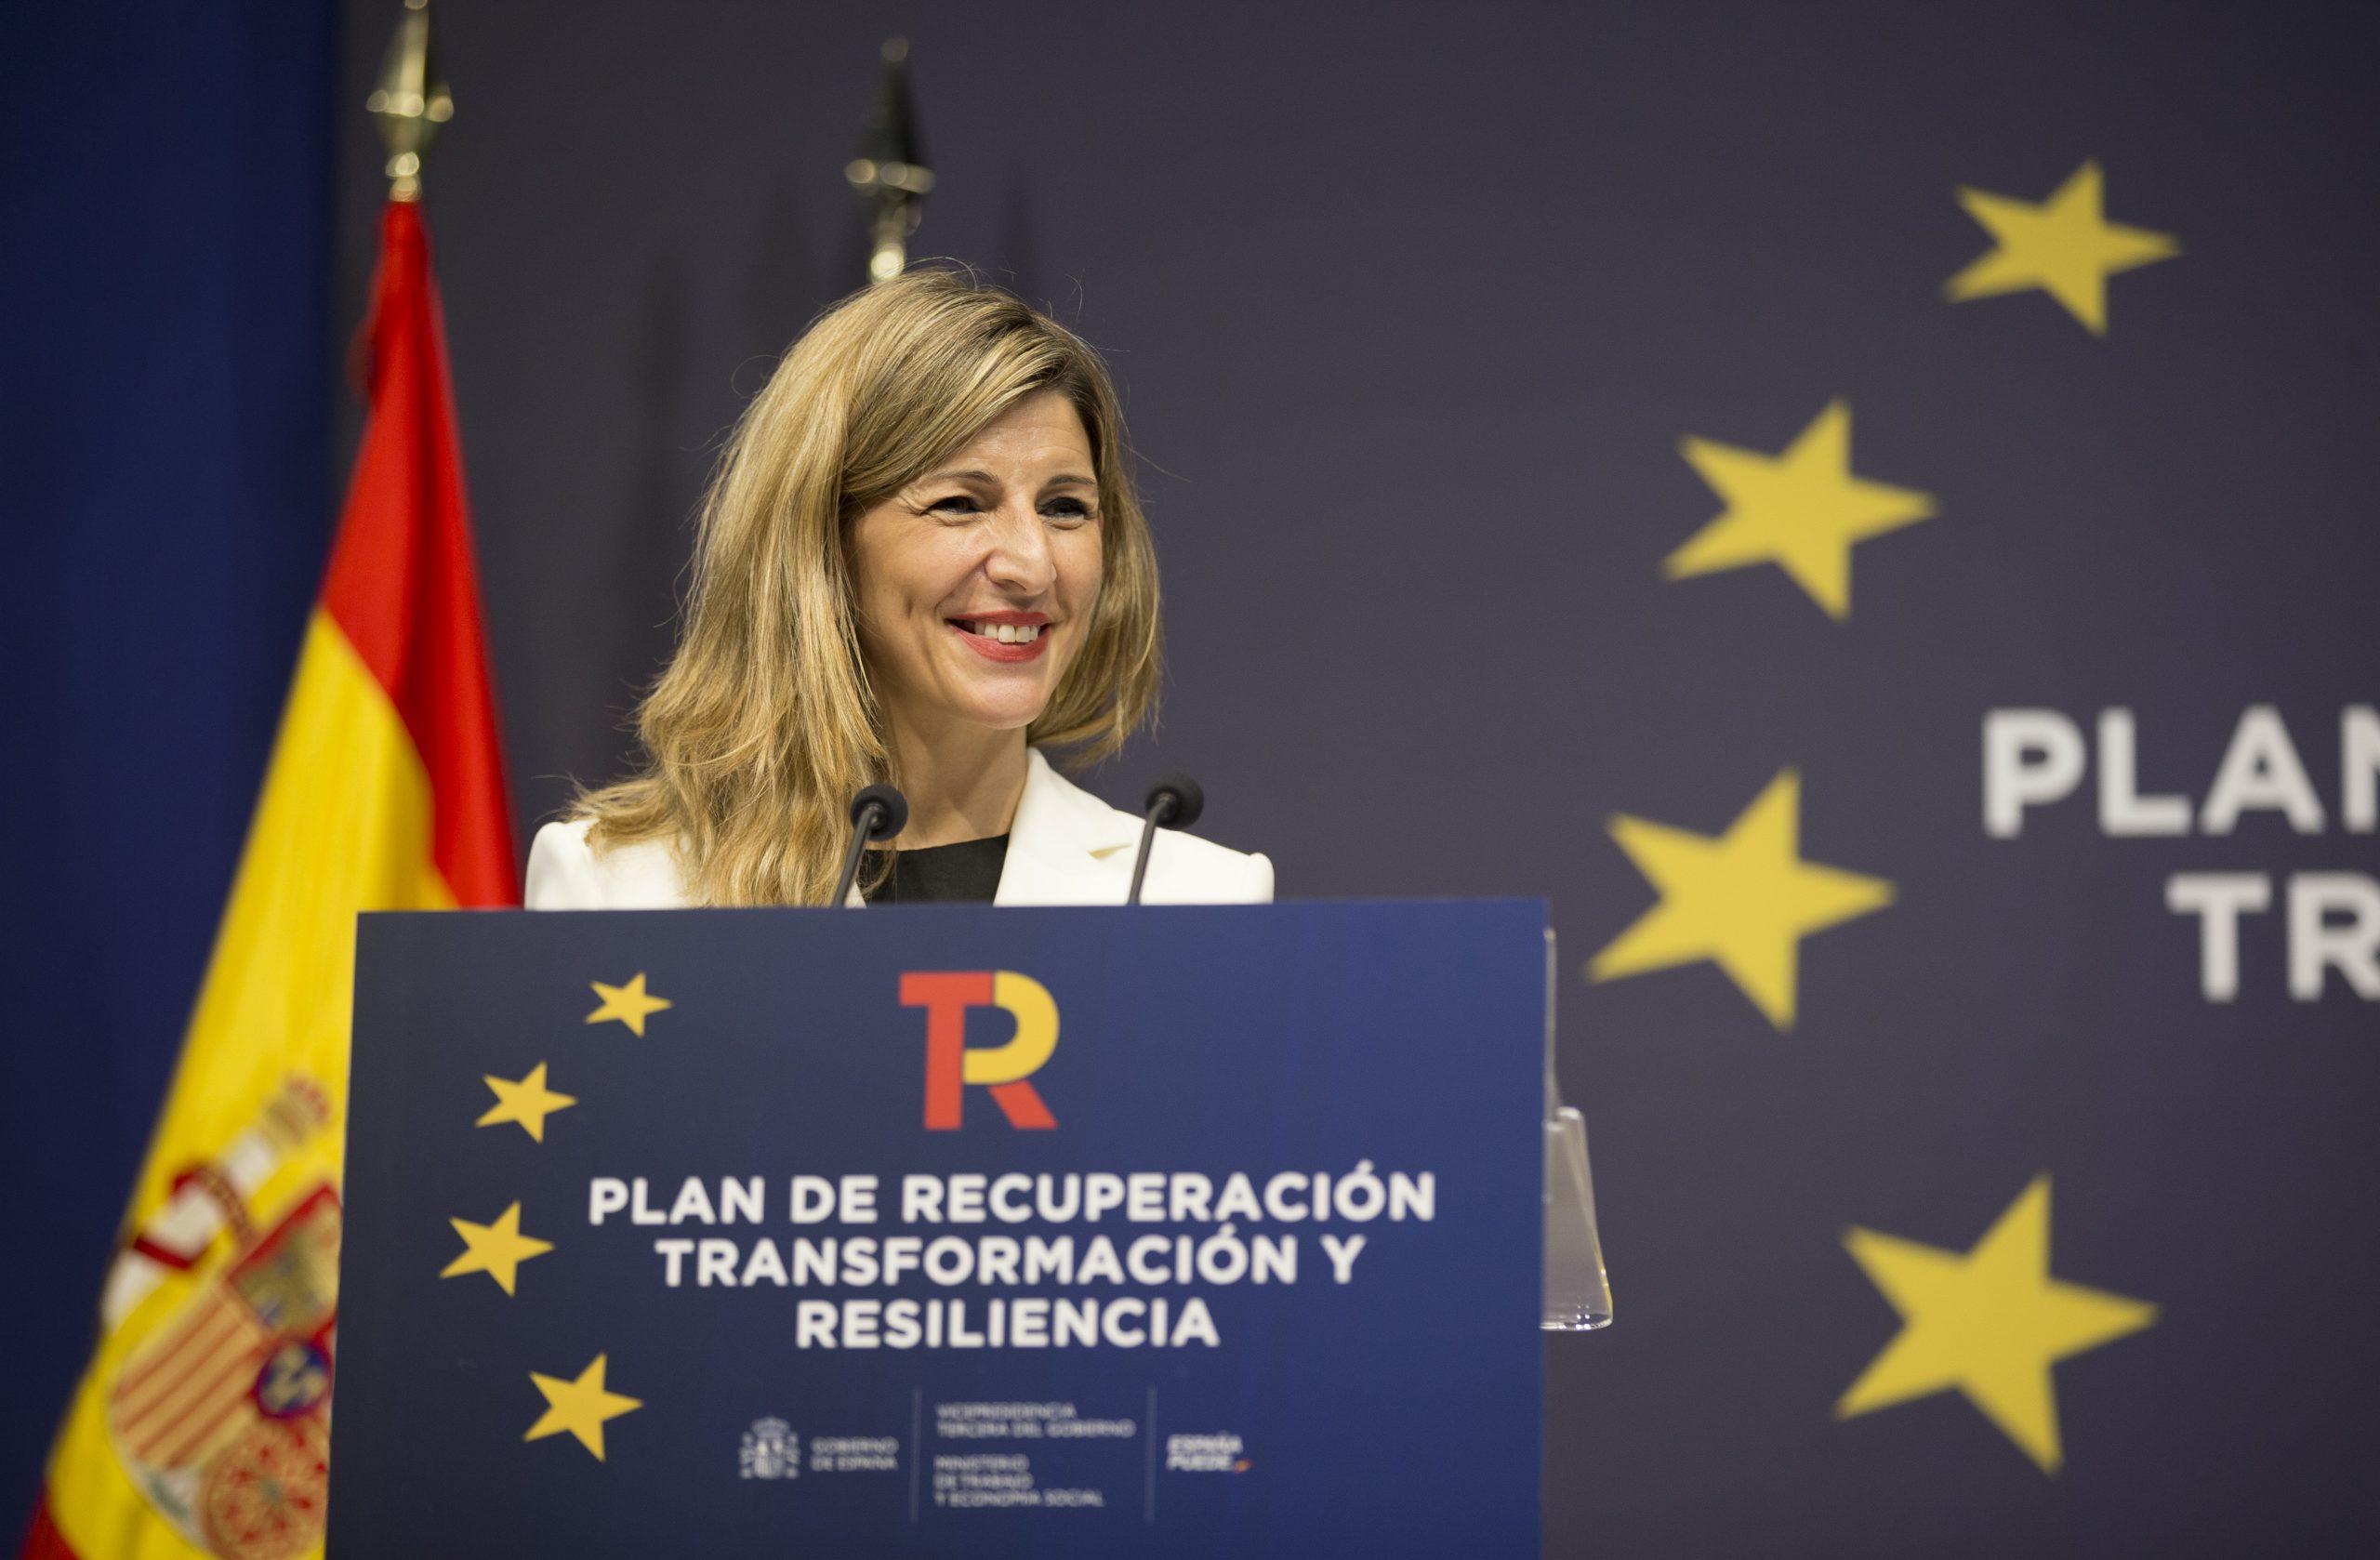 Pla mitjà de la vicepresidenta tercera del govern espanyol i ministra de Treball i Economia Social, Yolanda Díaz, en una roda de premsa aquest 10 de maig del 2021 (Horitzontal)